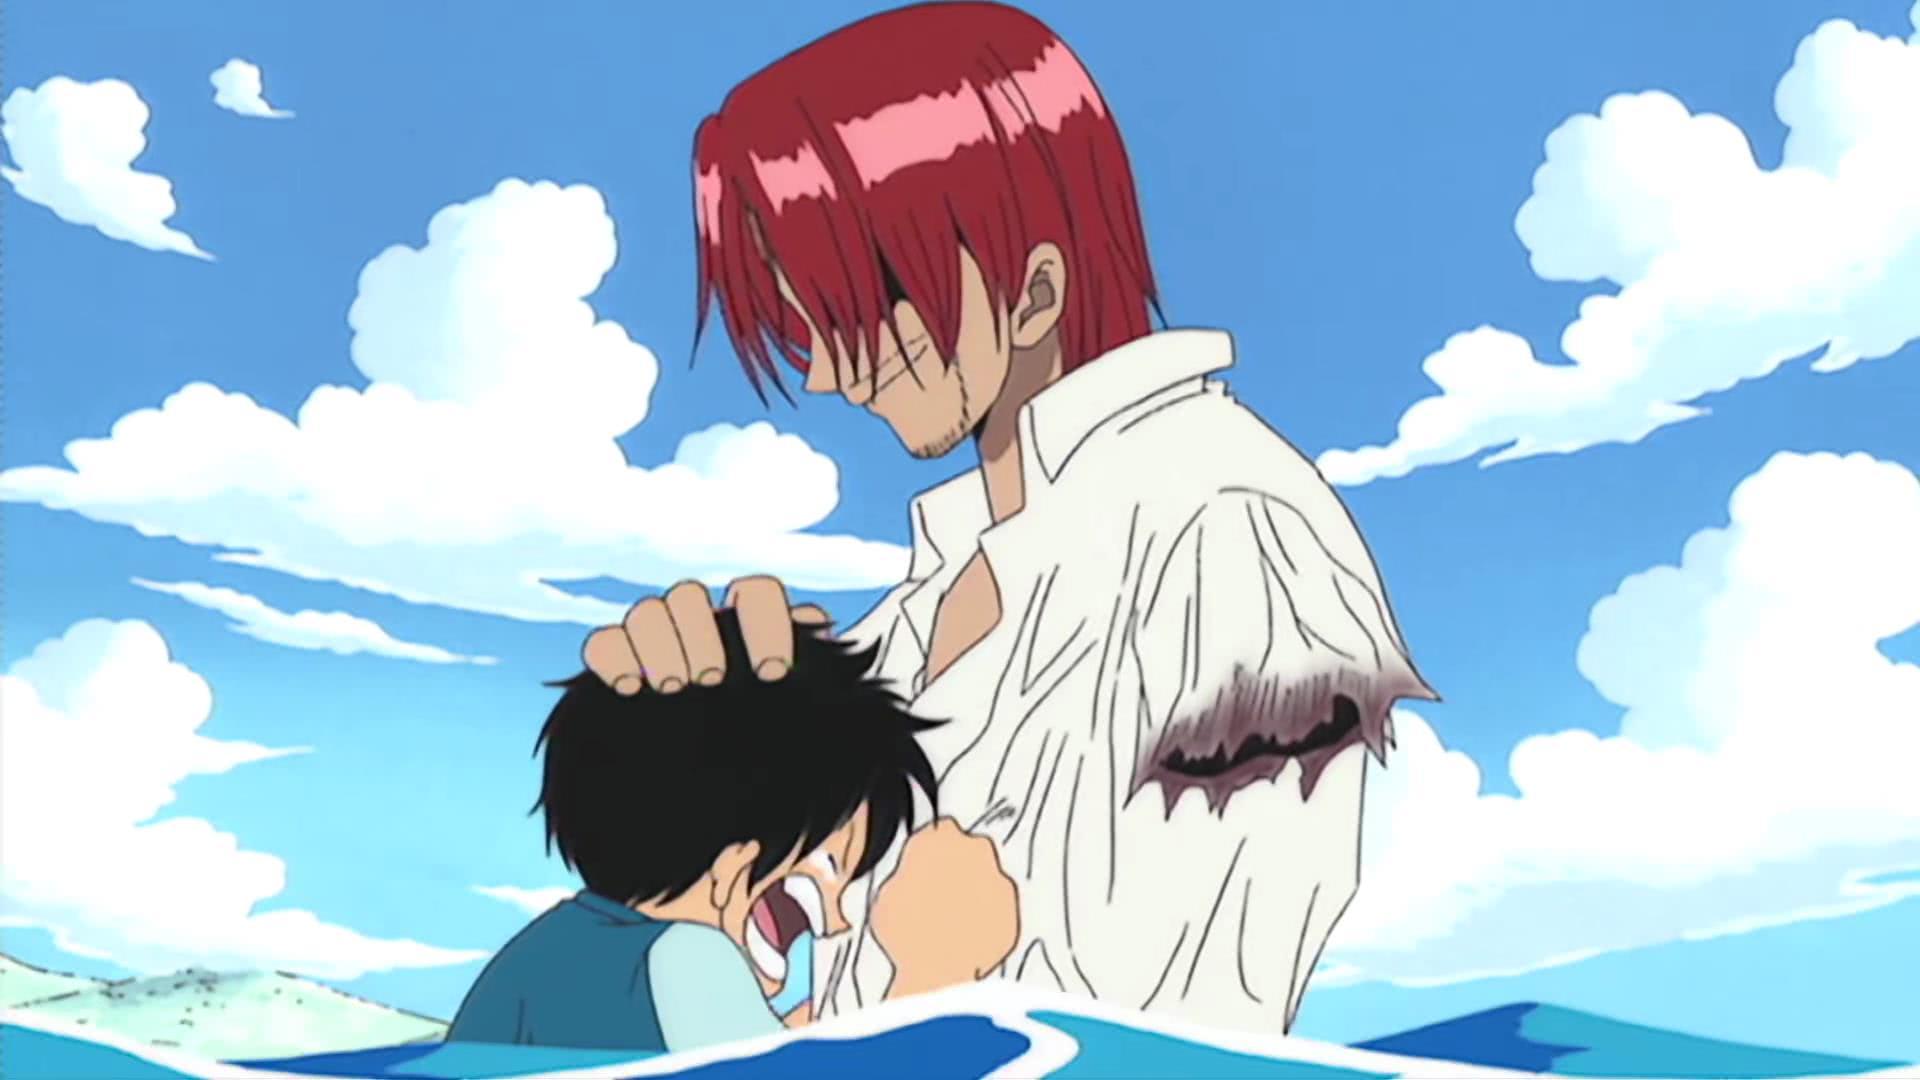 海贼王:榜样的力量太大了,红发当年的壮举,害得路飞差点残废